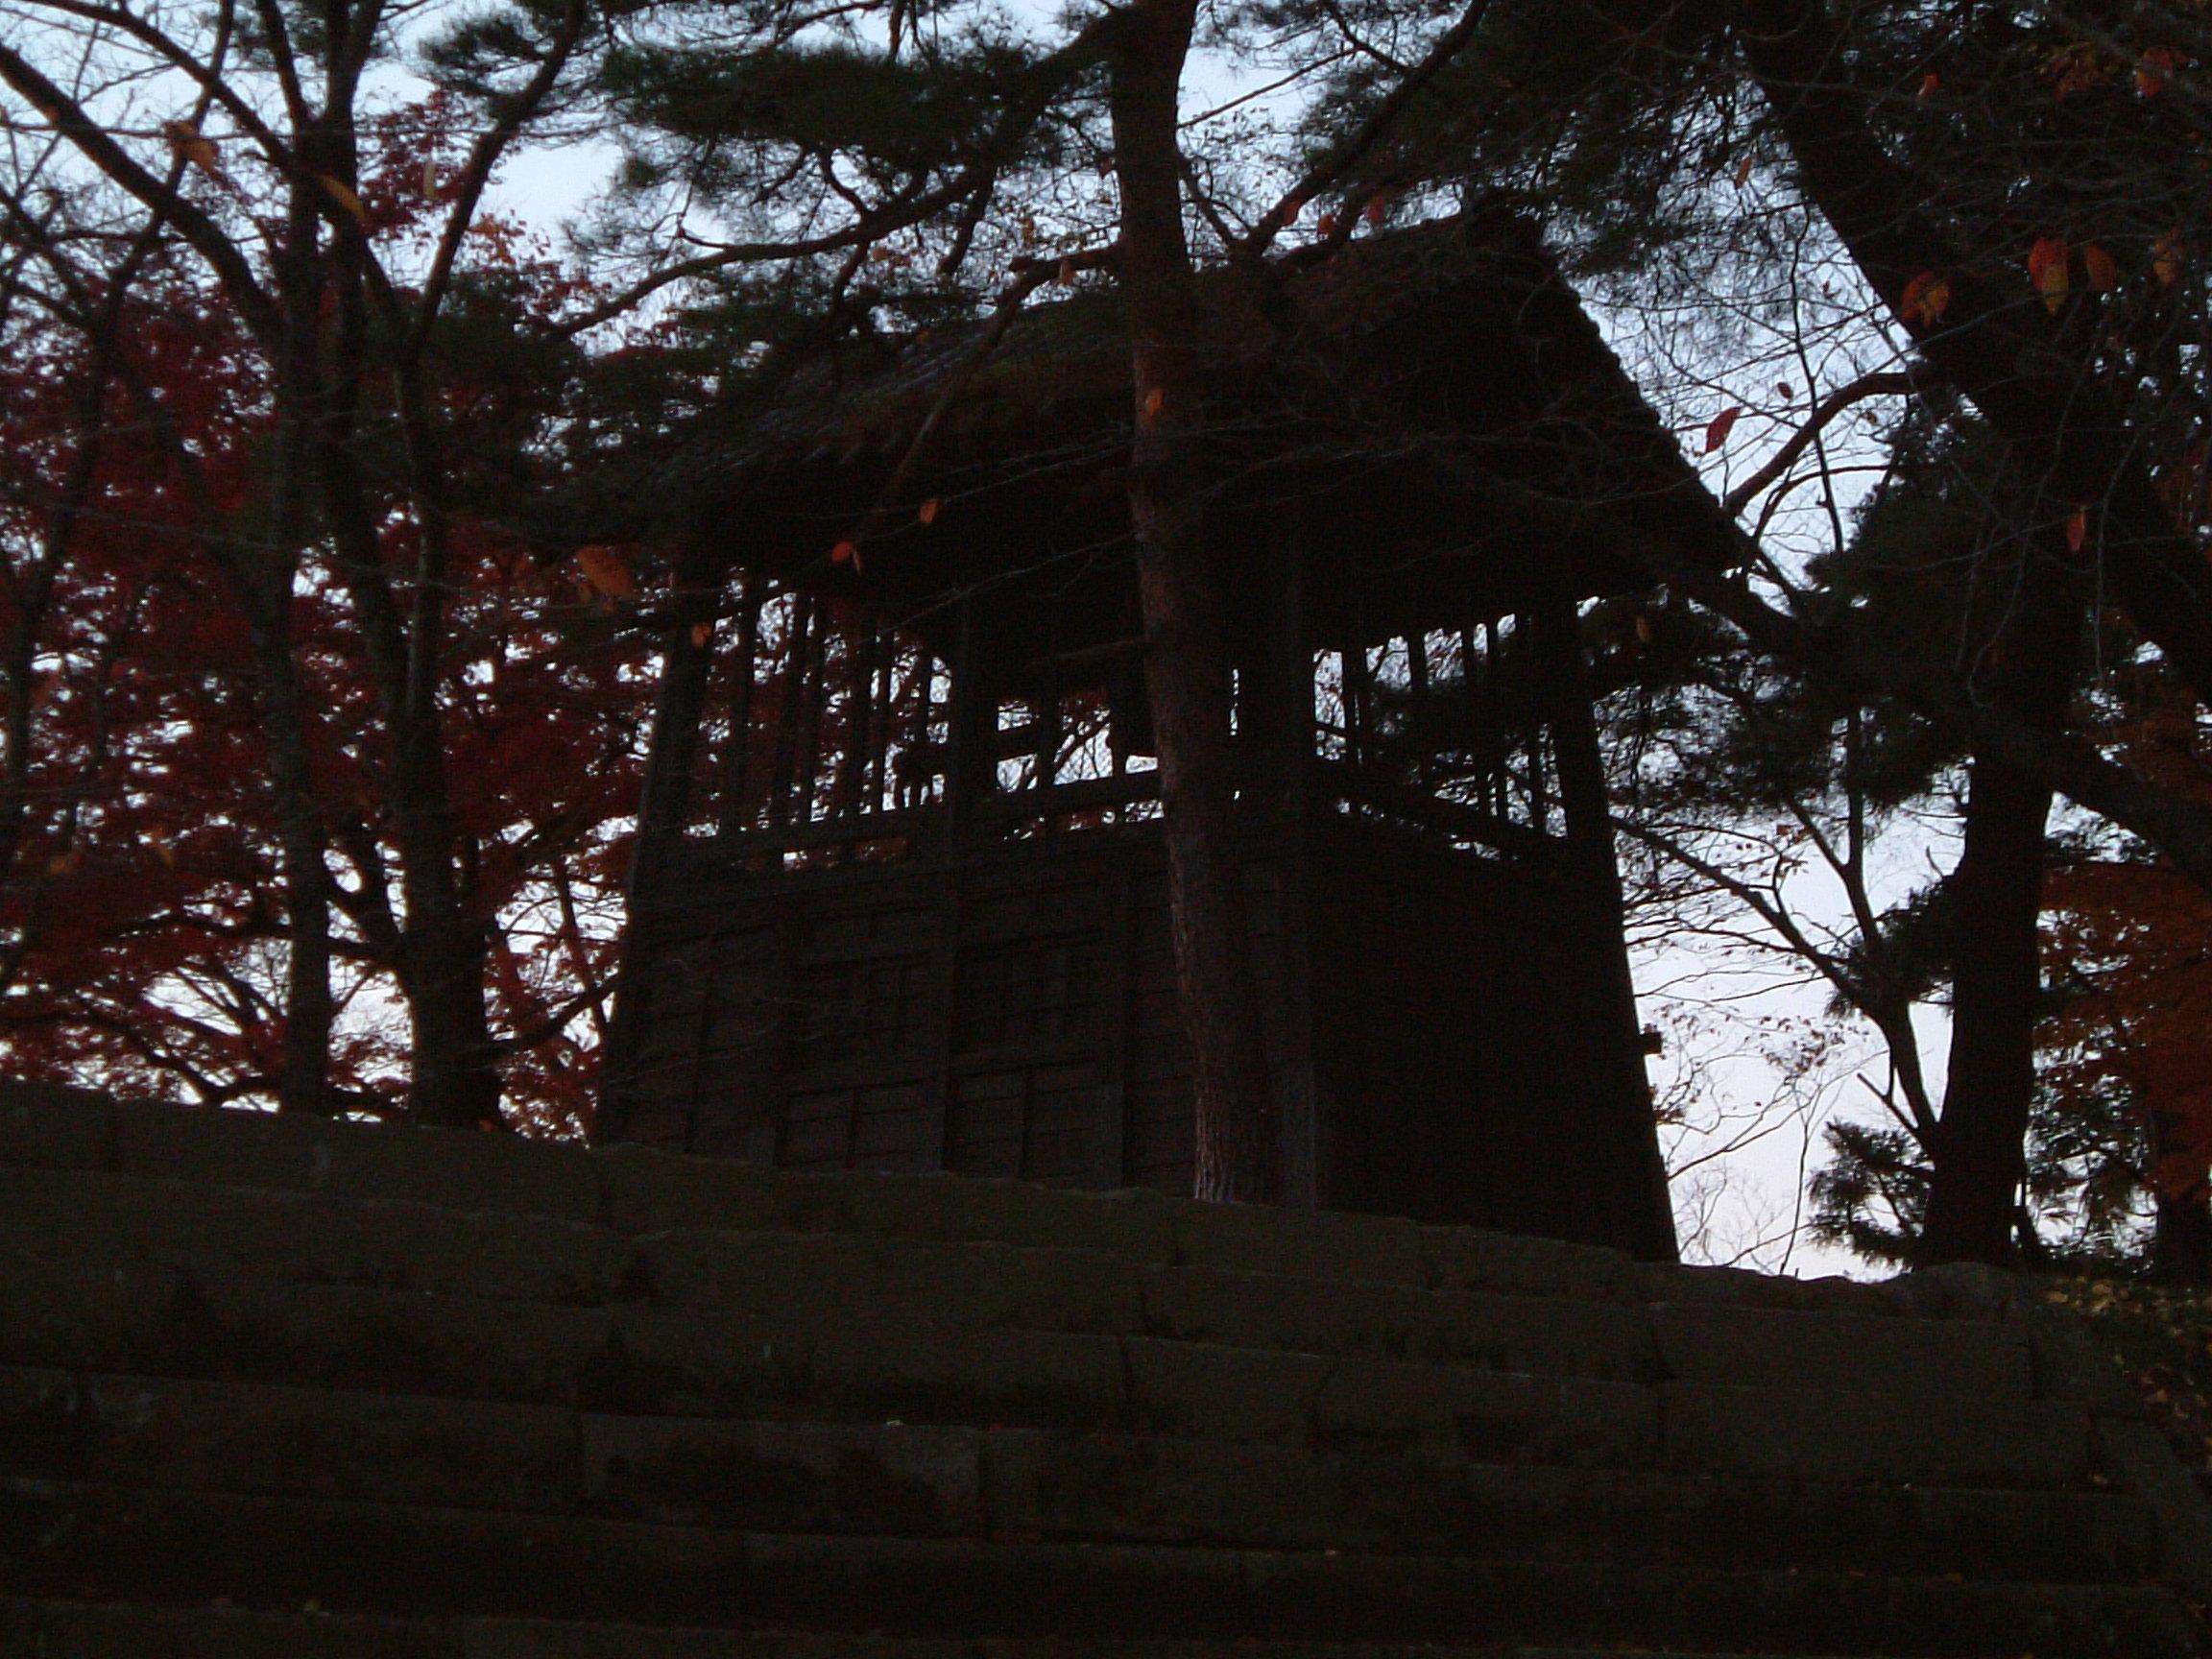 会津 鶴ヶ城 鐘撞堂(かねつきどう)